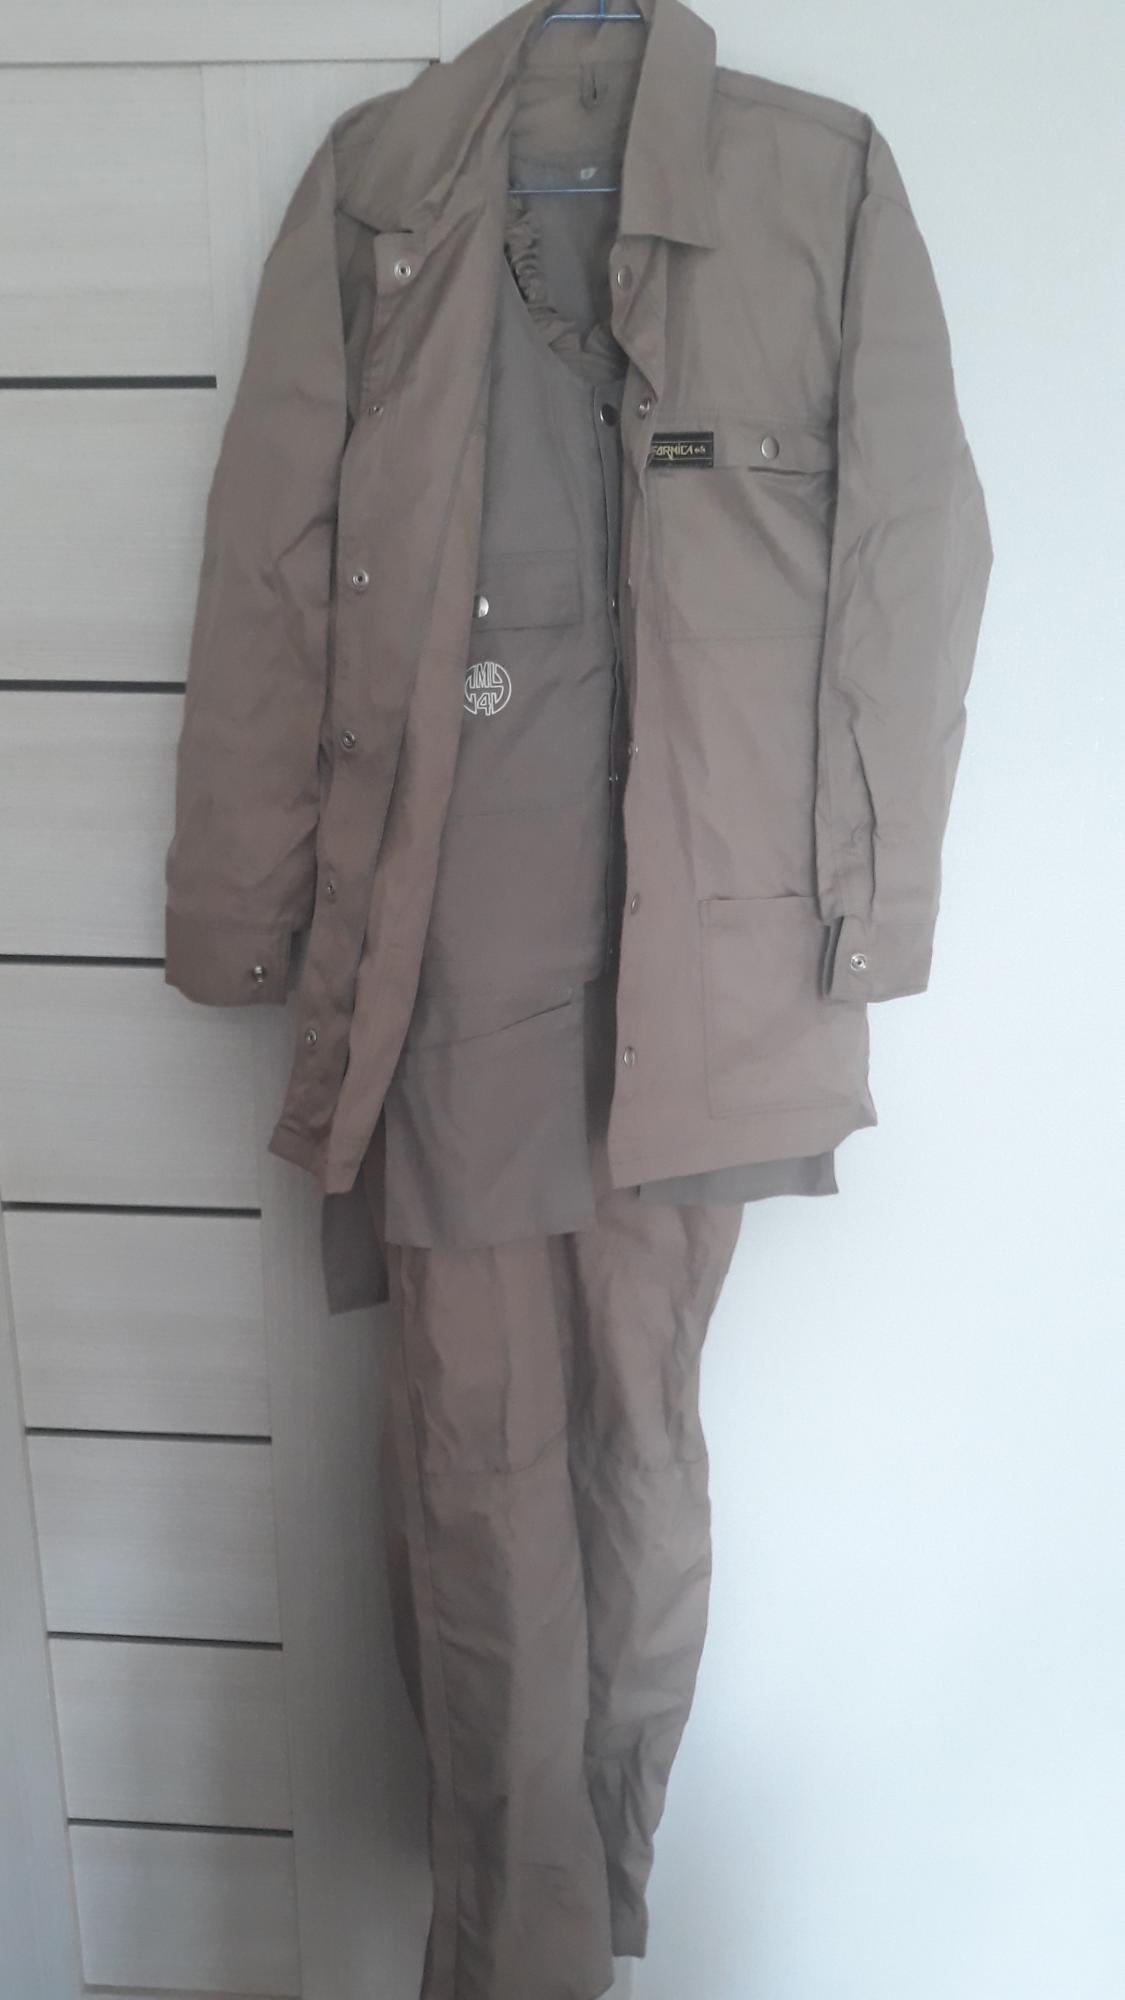 Спецовка, костюм электрика (новый) в Дедовске 89774638108 купить 1